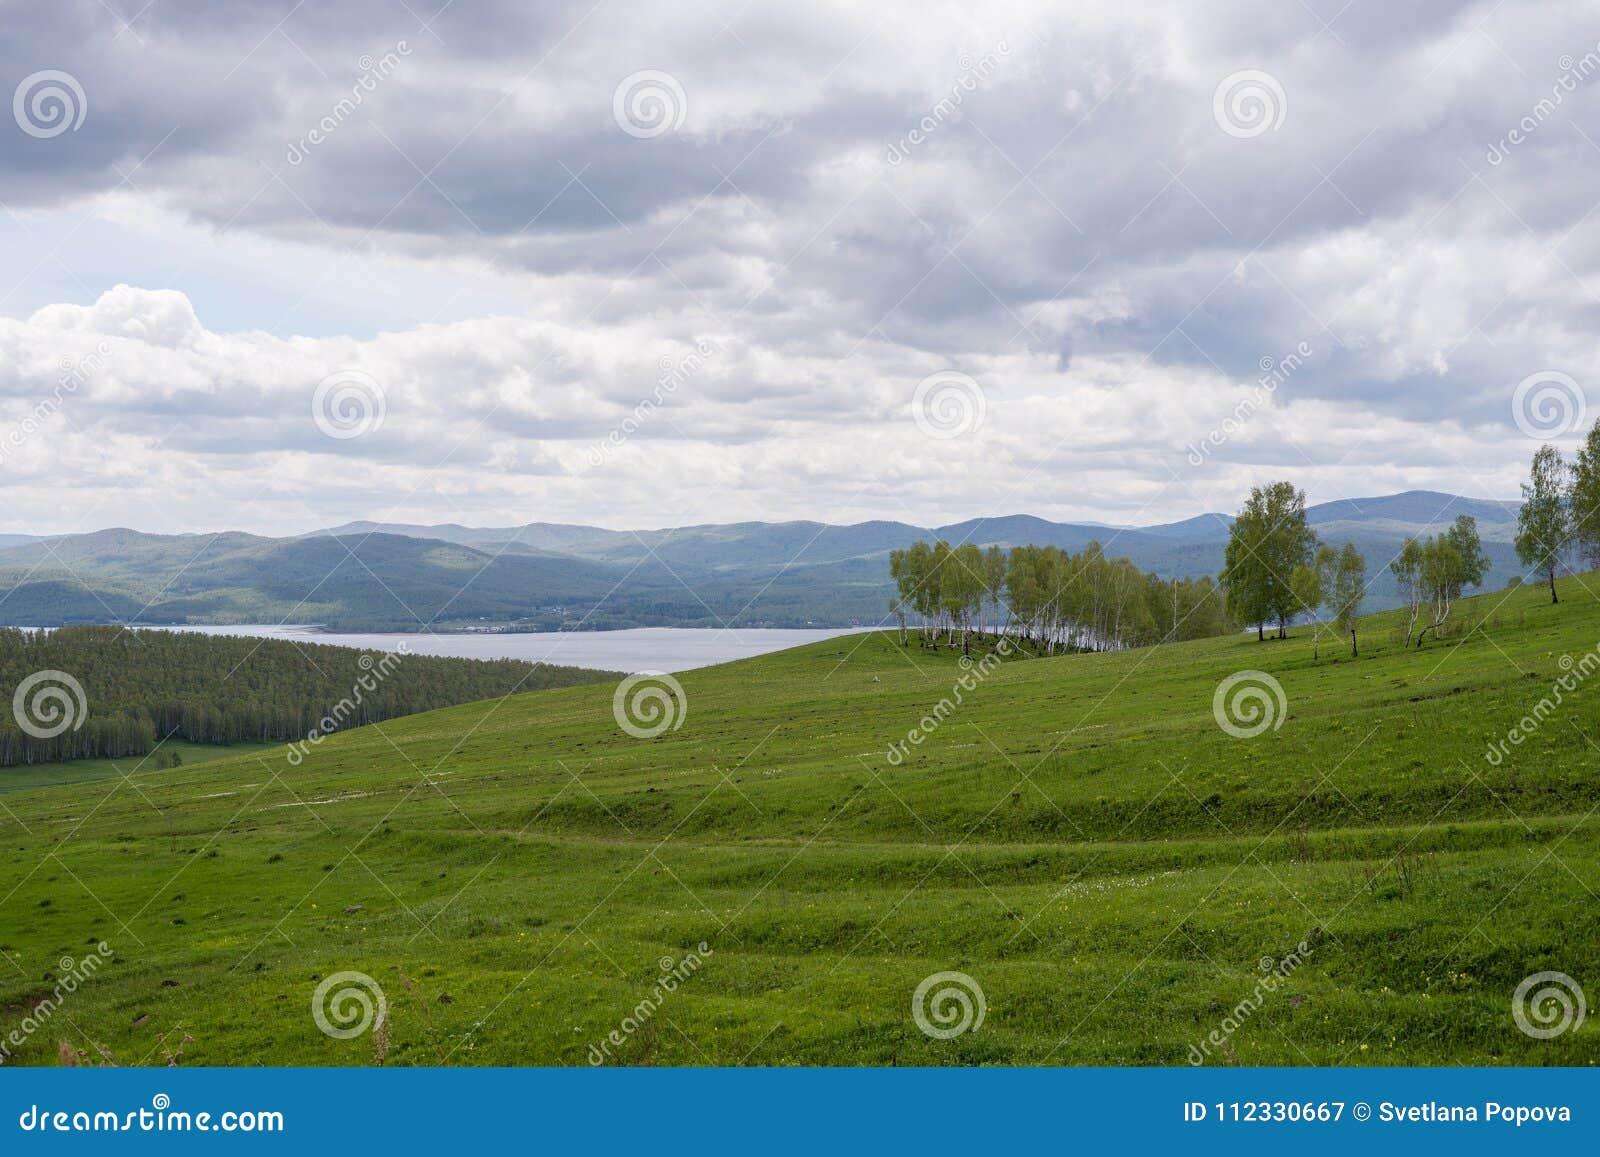 Eine bewölkte Frühlingslandschaft mit einem blühenden Hügel und einem See im Abstand